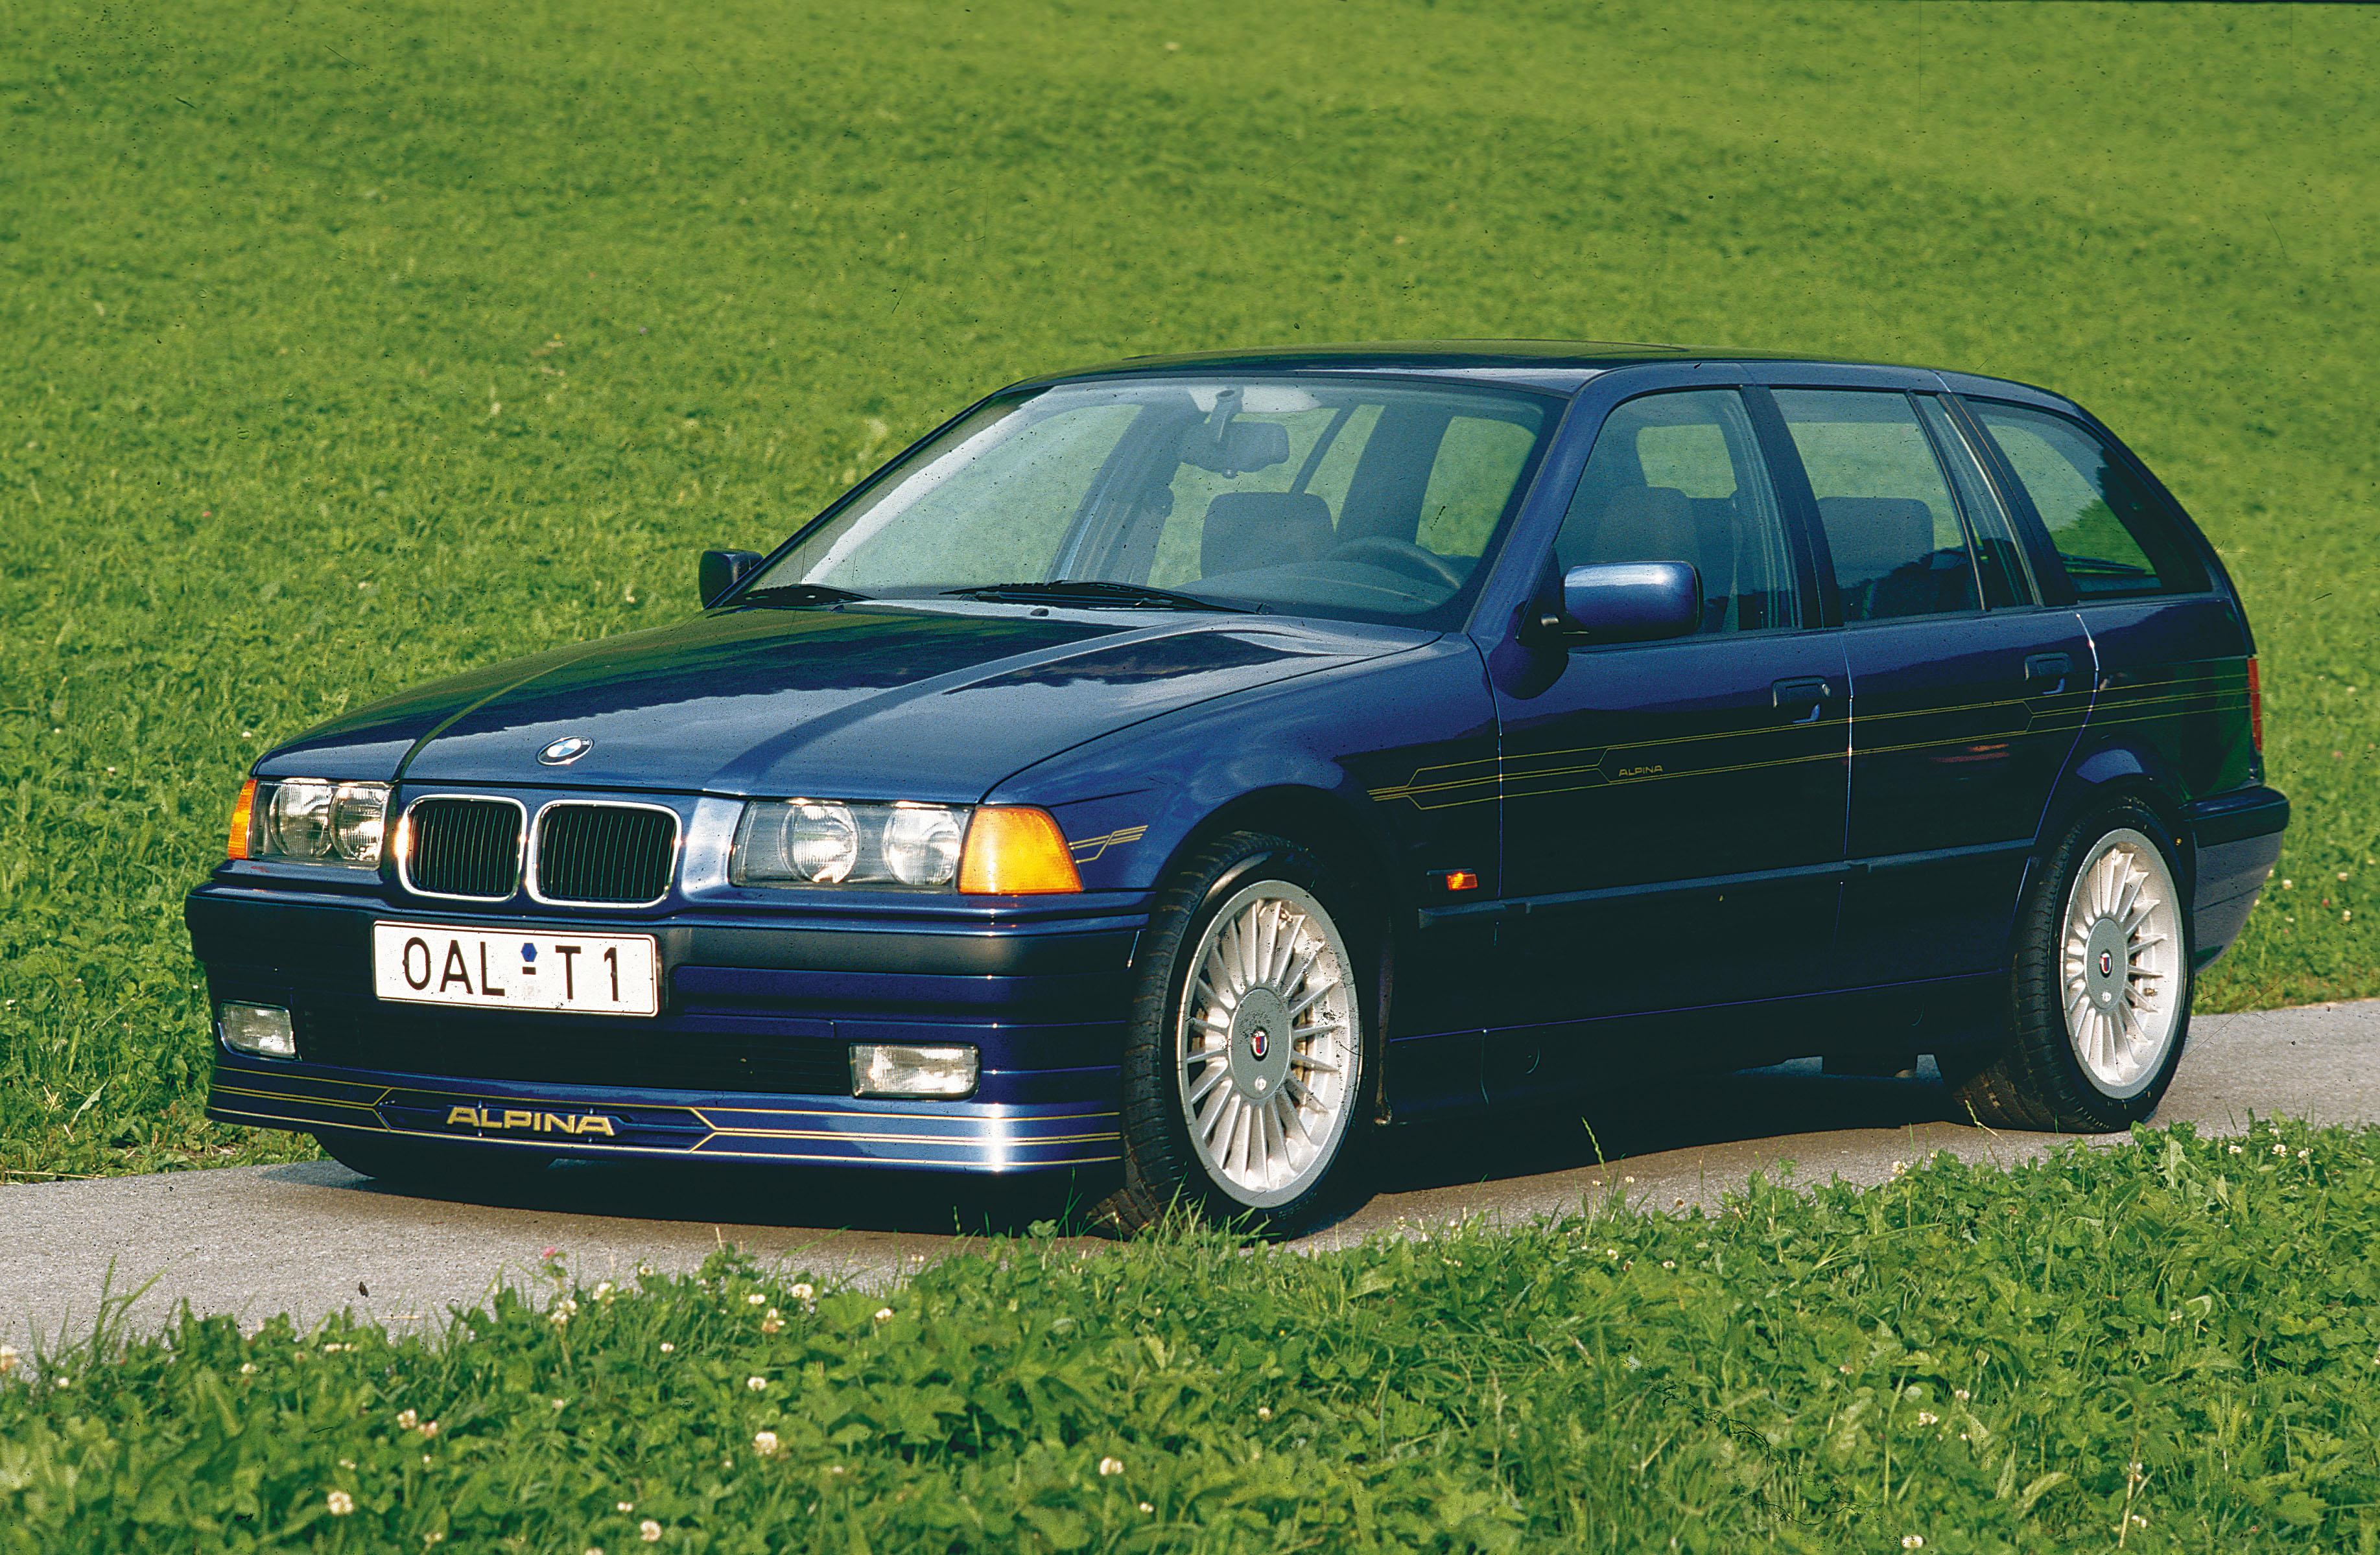 Alpina B3 E36 1993 - 1999 Sedan #4